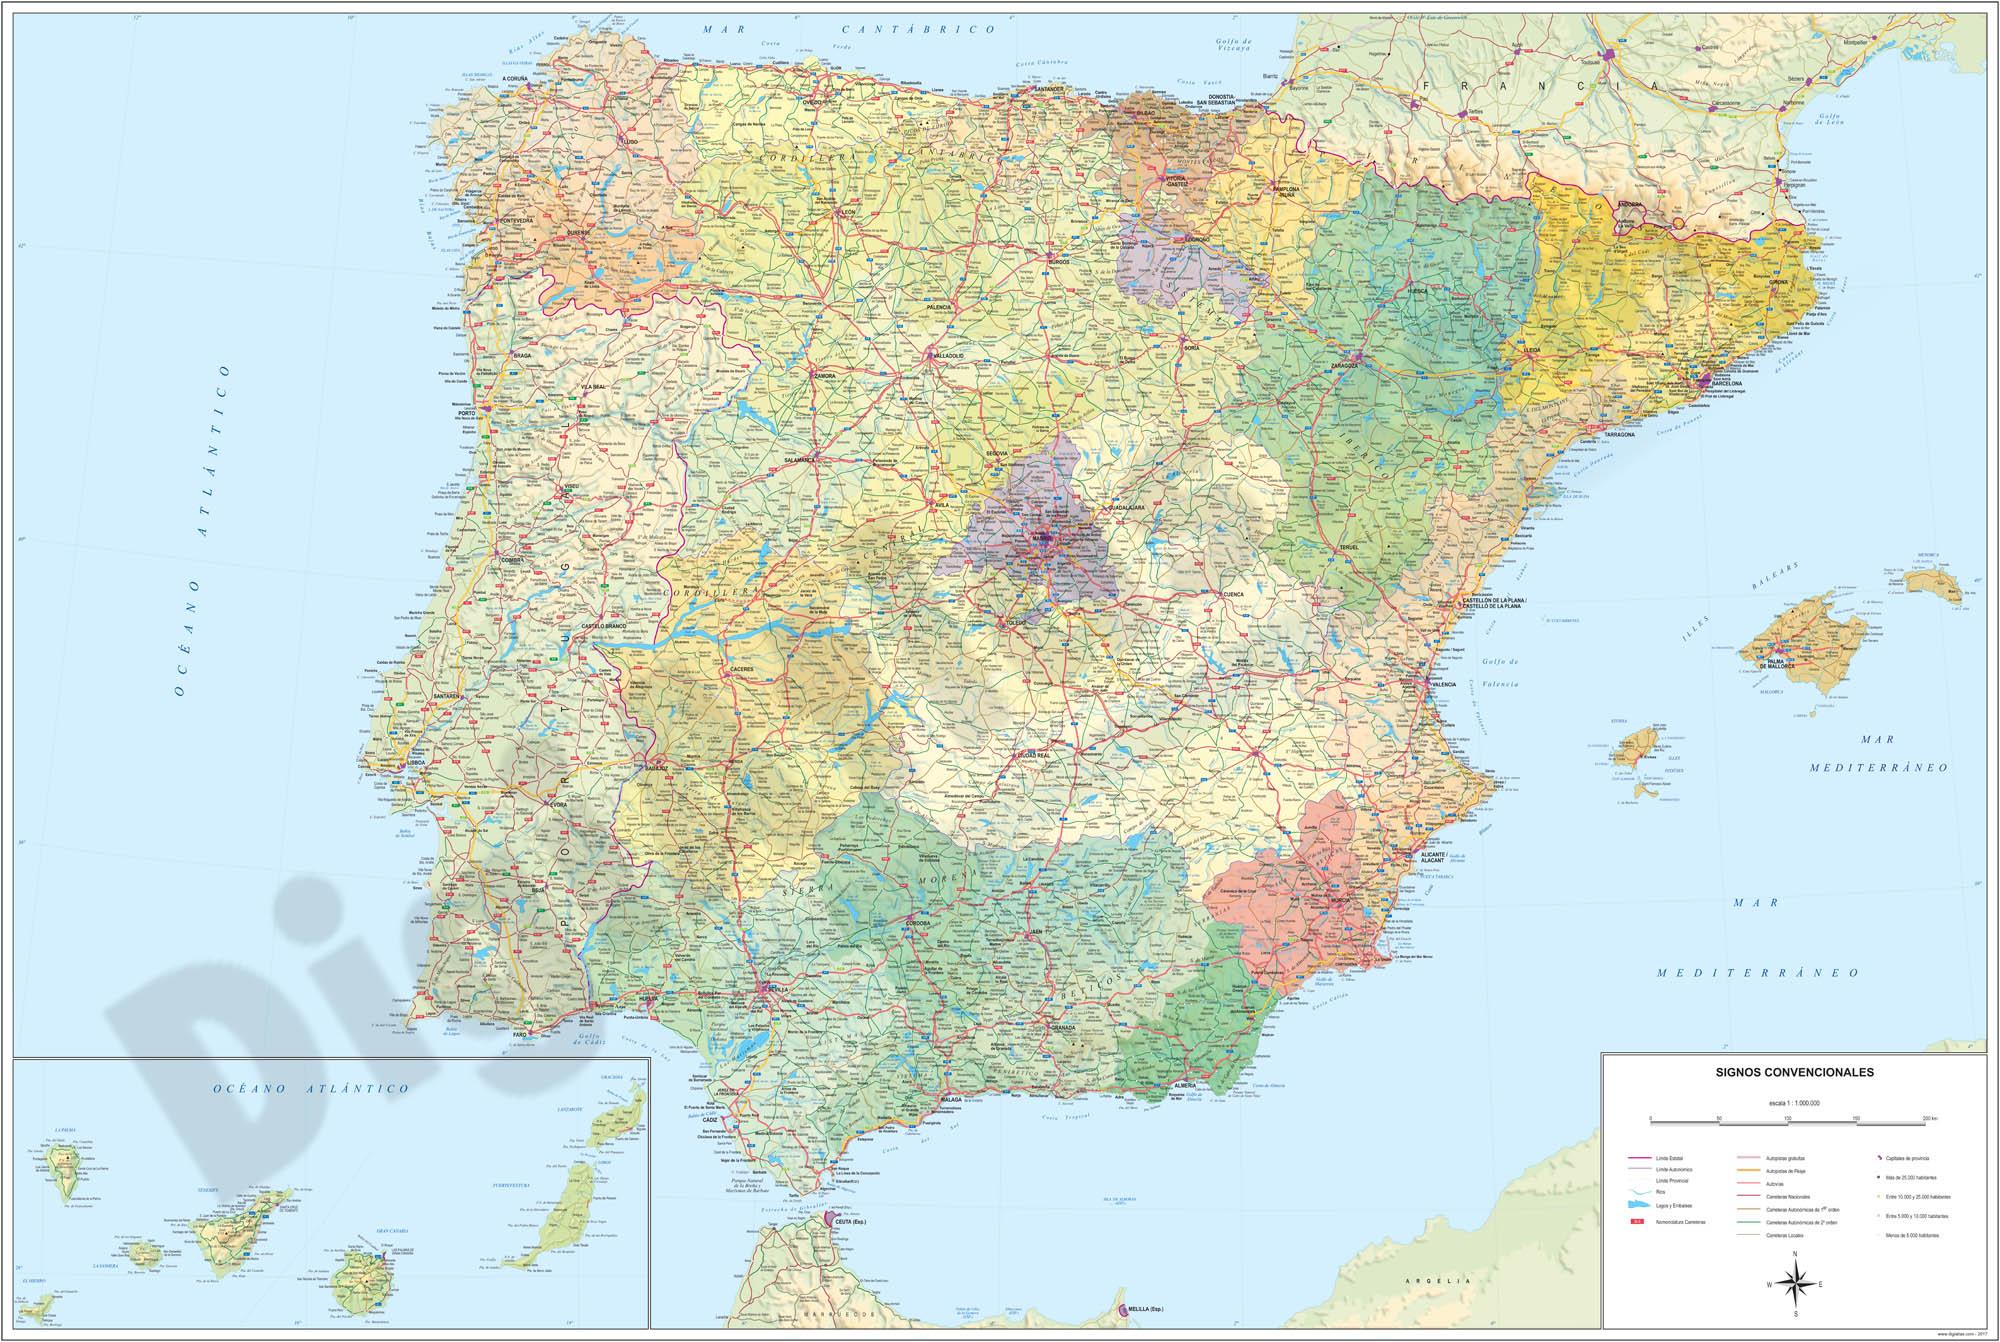 Mapa de España Politico-Relieve Poster